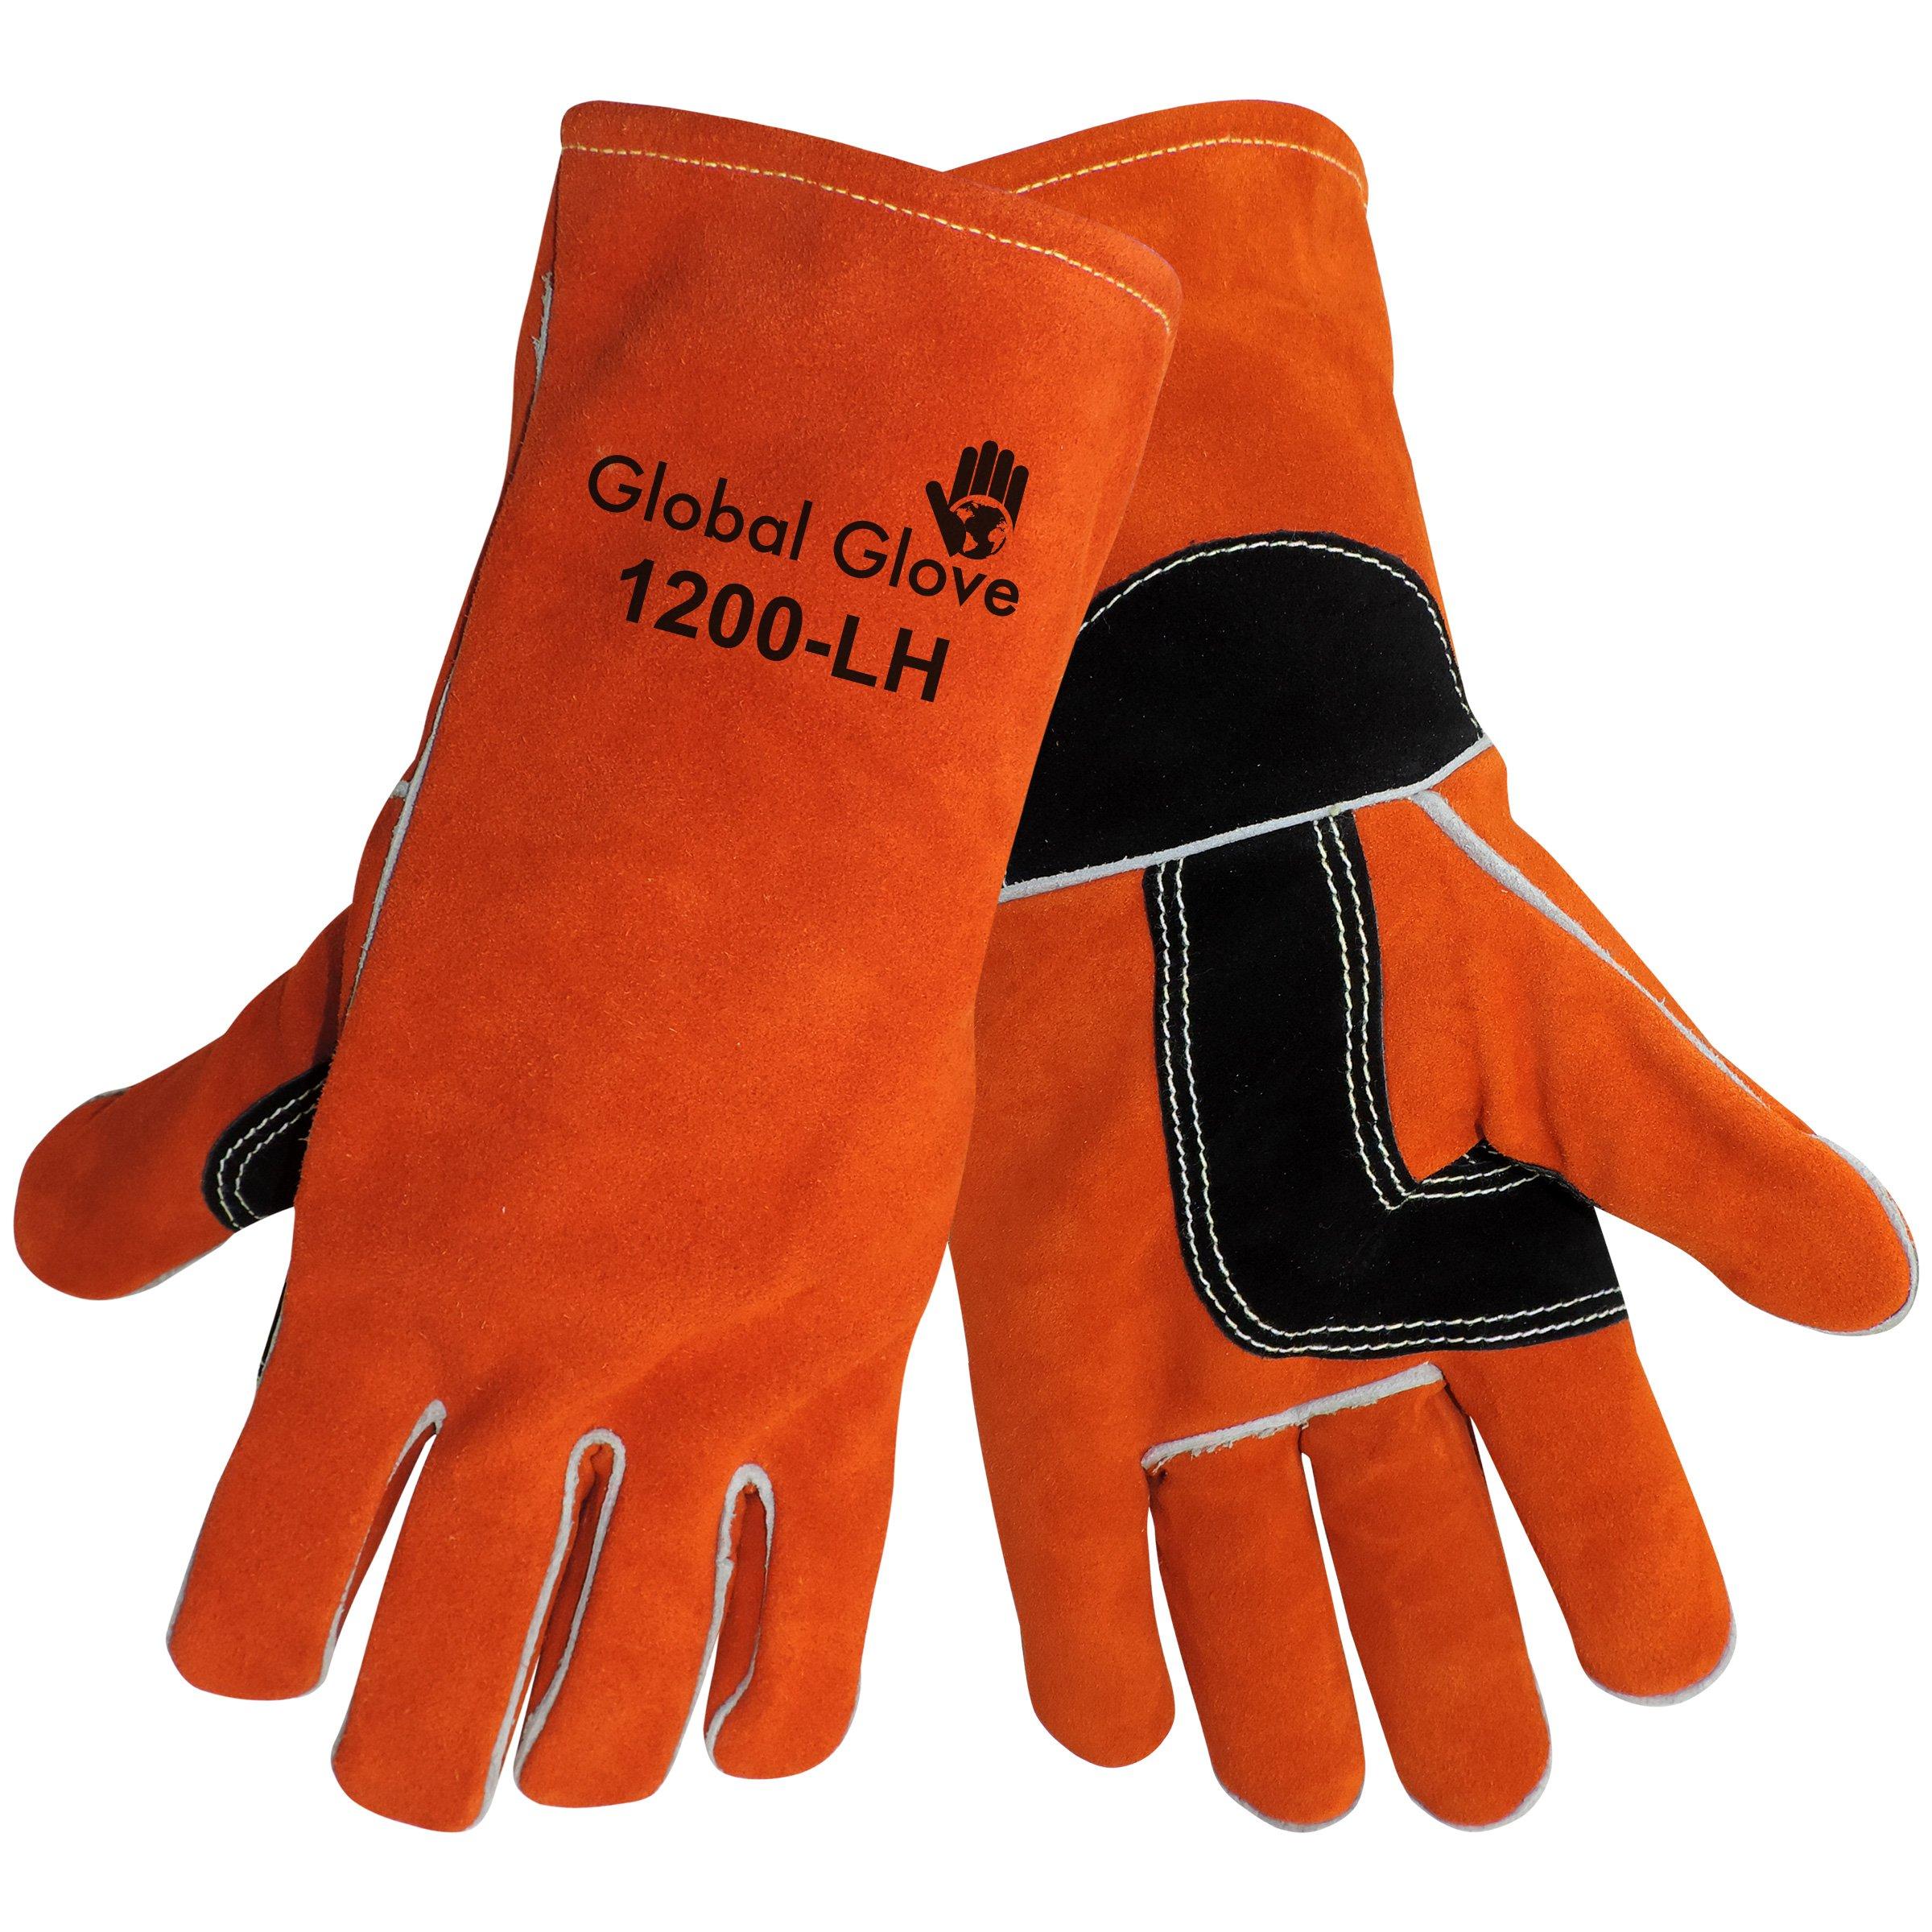 Global Glove 1200-LH Kevlar Sewn Premium Grade Shoulder Split Welder Left Hand Glove, Work, 1 Size, Russet (Case of 72) by Global Glove (Image #1)